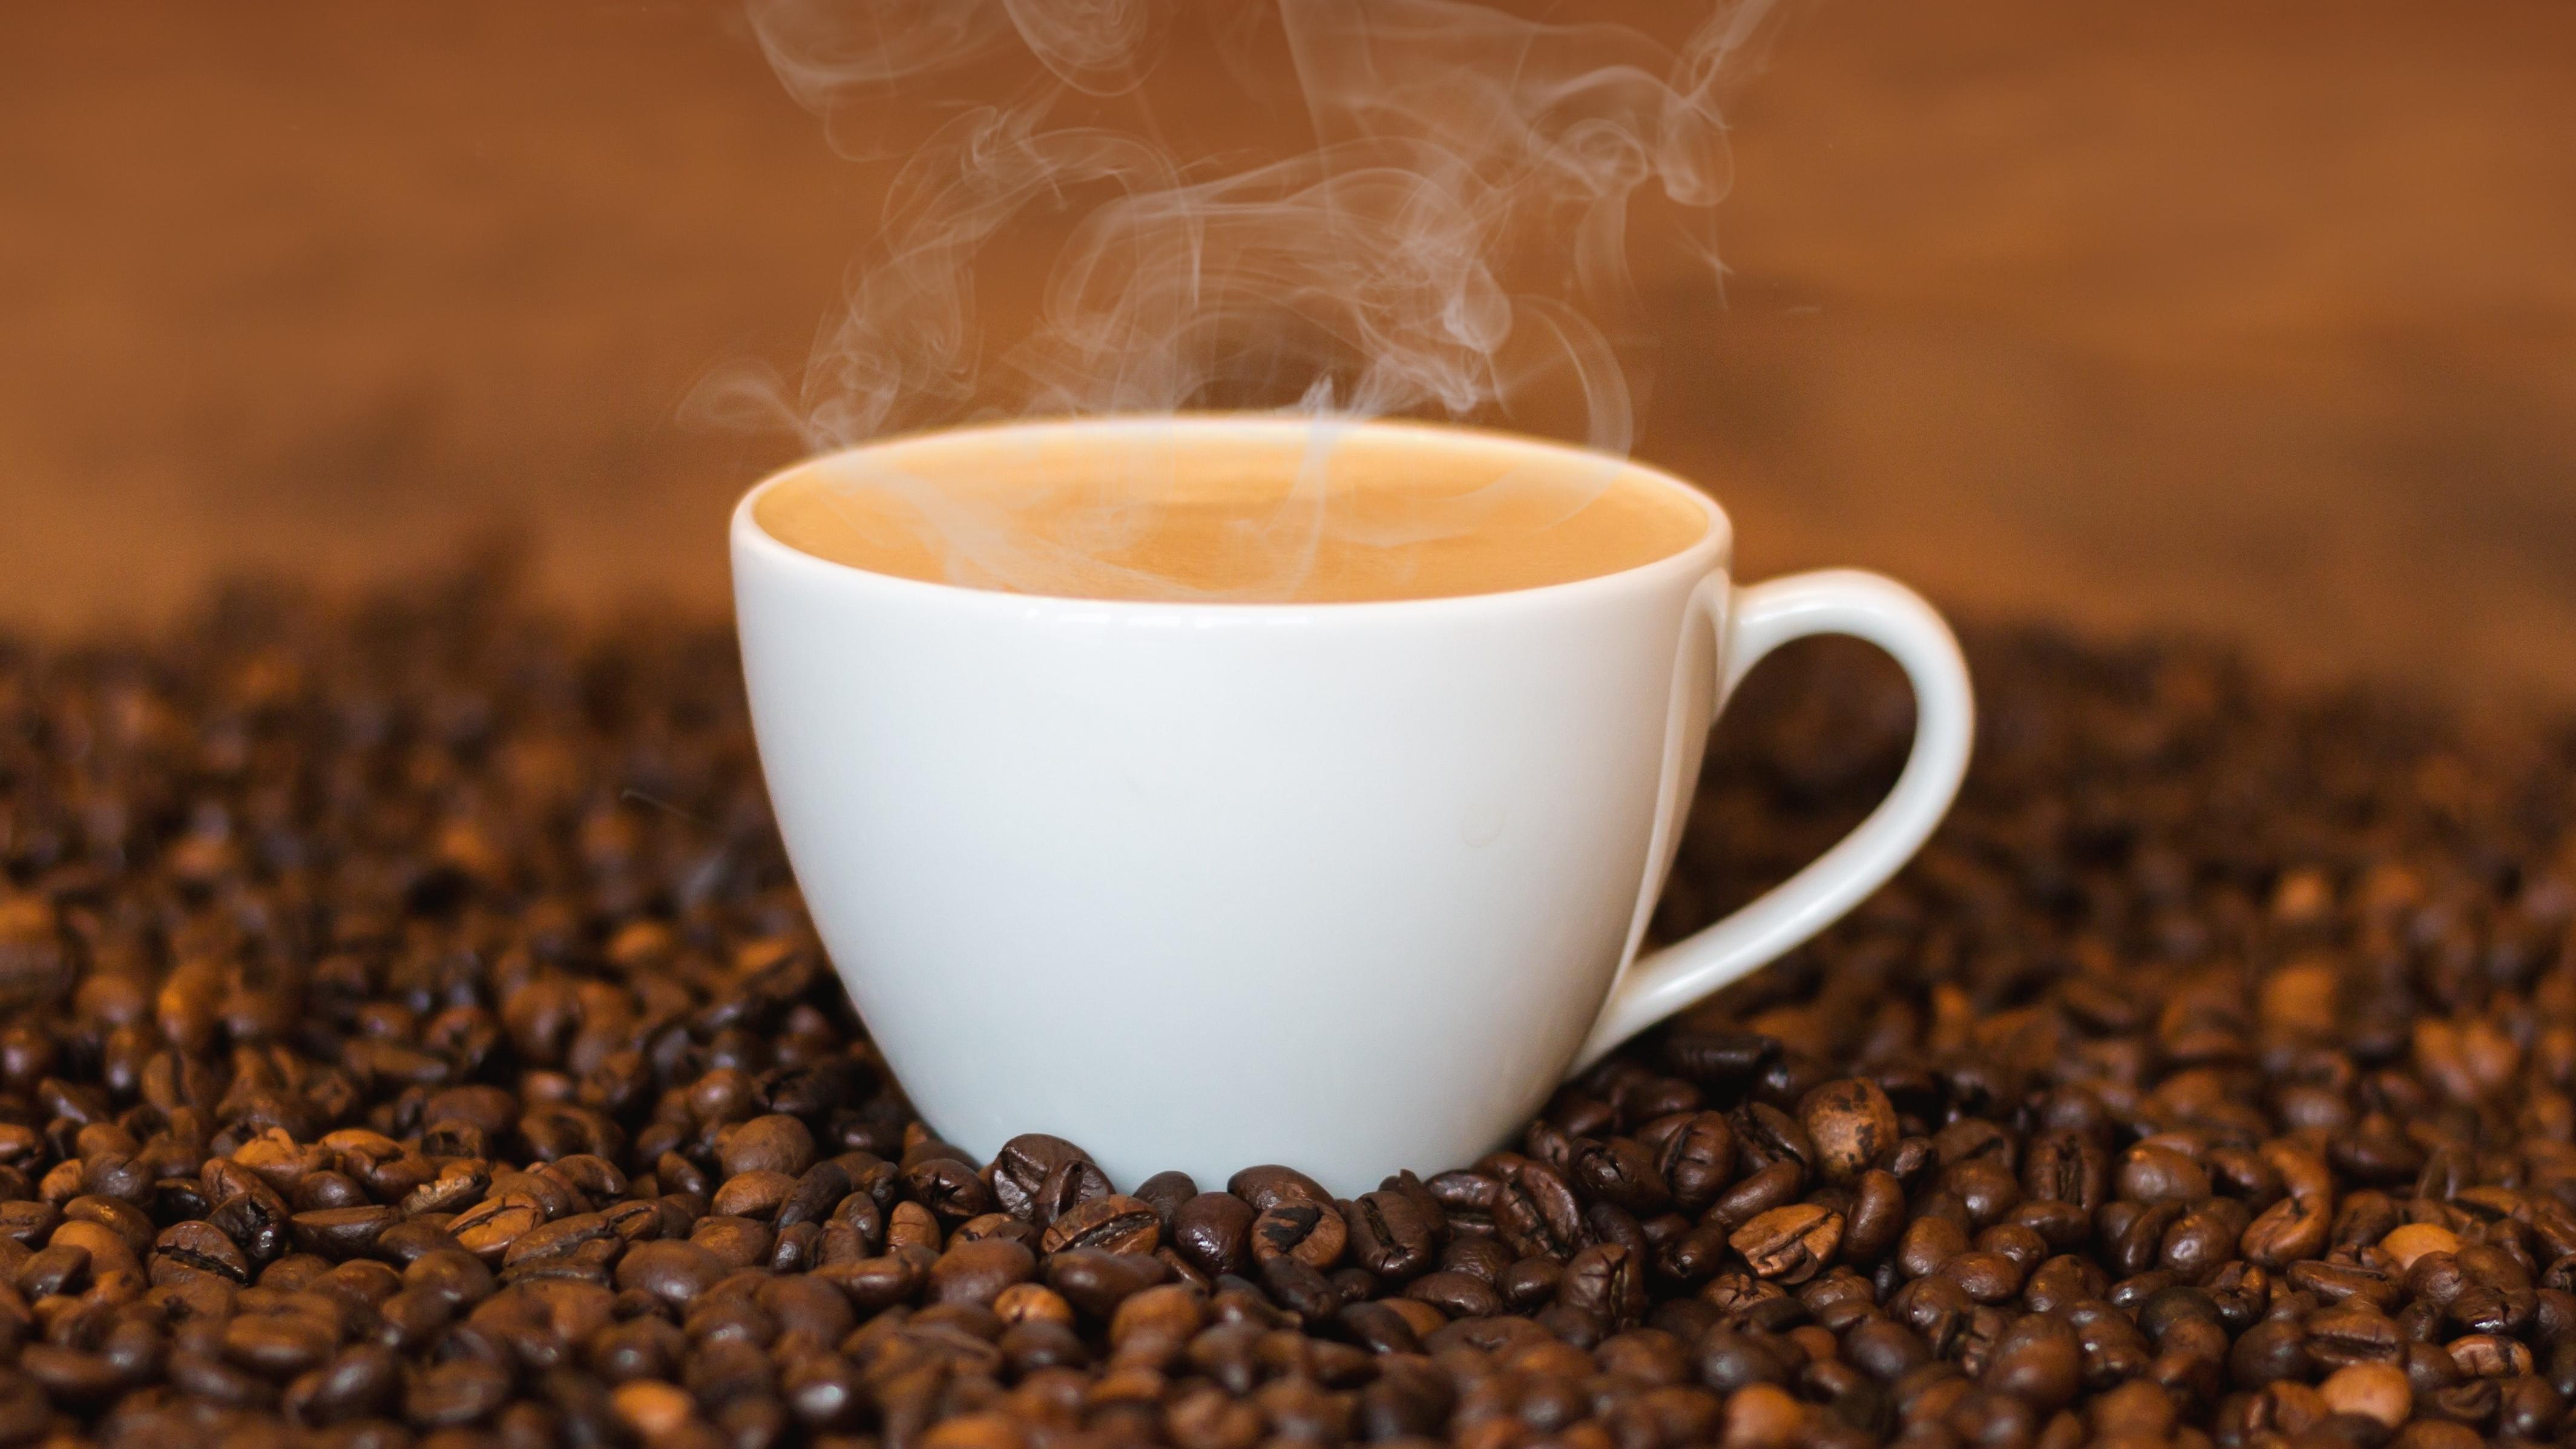 Morgens Kaffee trinken - ist das gesund?